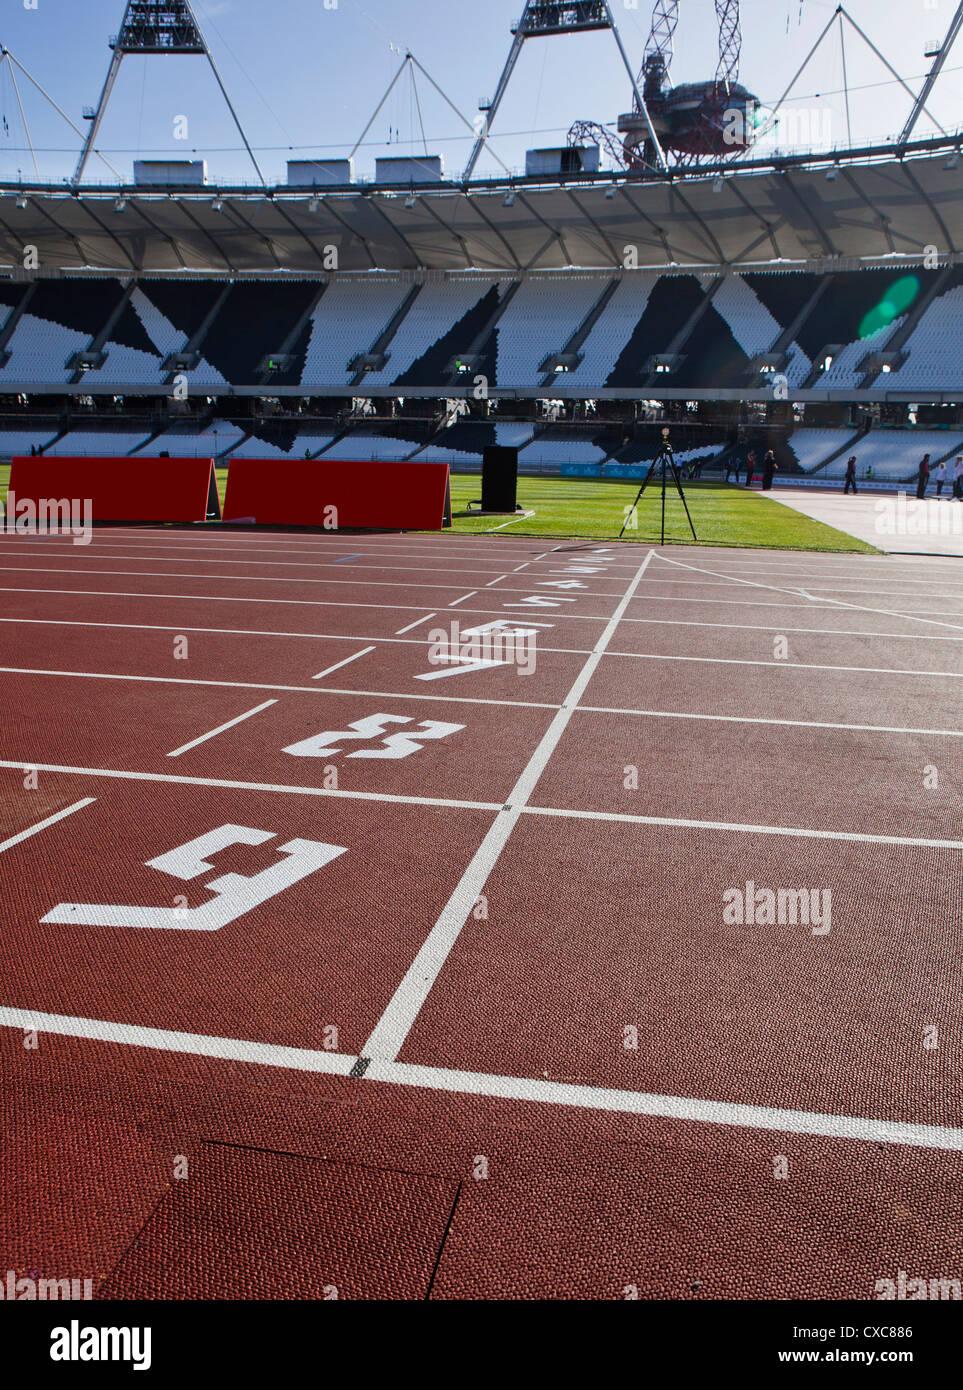 La ligne d'arrivée de la piste d'athlétisme à l'intérieur du Stade Olympique, Londres, Photo Stock